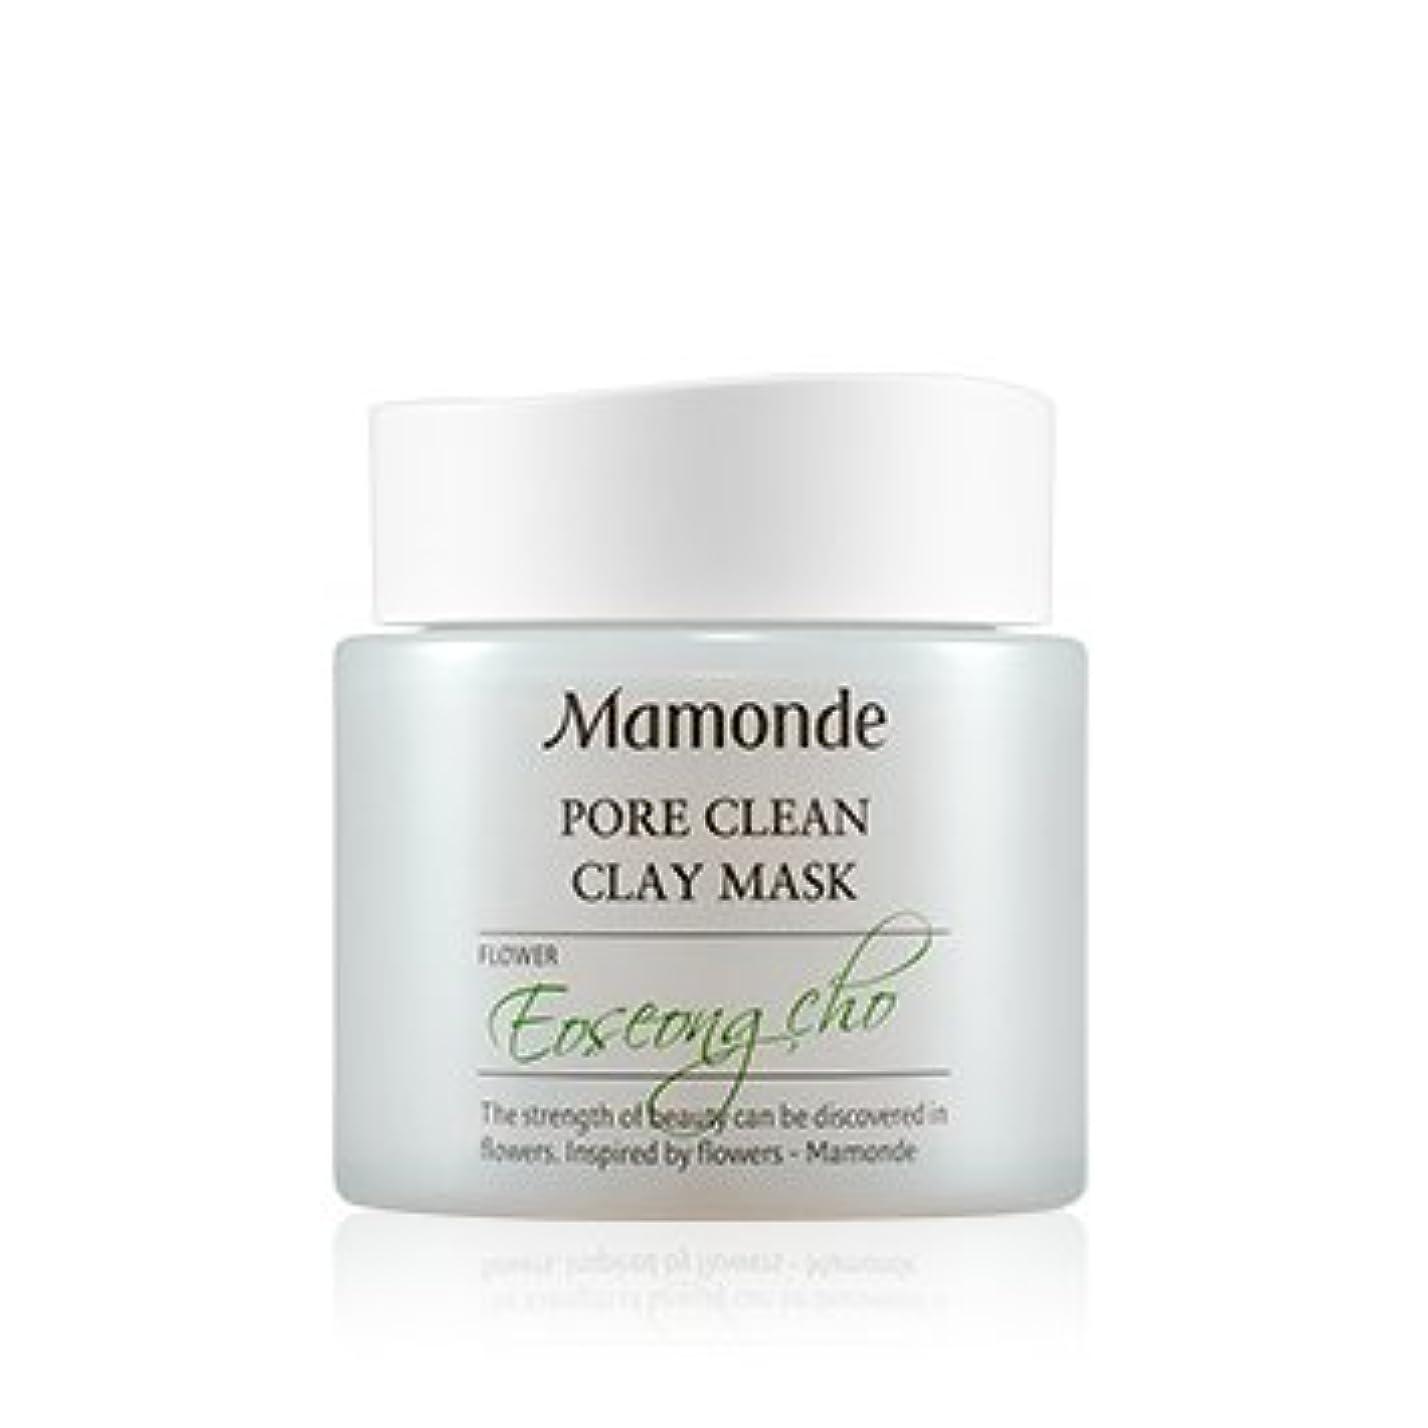 青プロフェッショナル架空の[New] Mamonde Pore Clean Clay Mask 100ml/マモンド ポア クリーン クレイ マスク 100ml [並行輸入品]